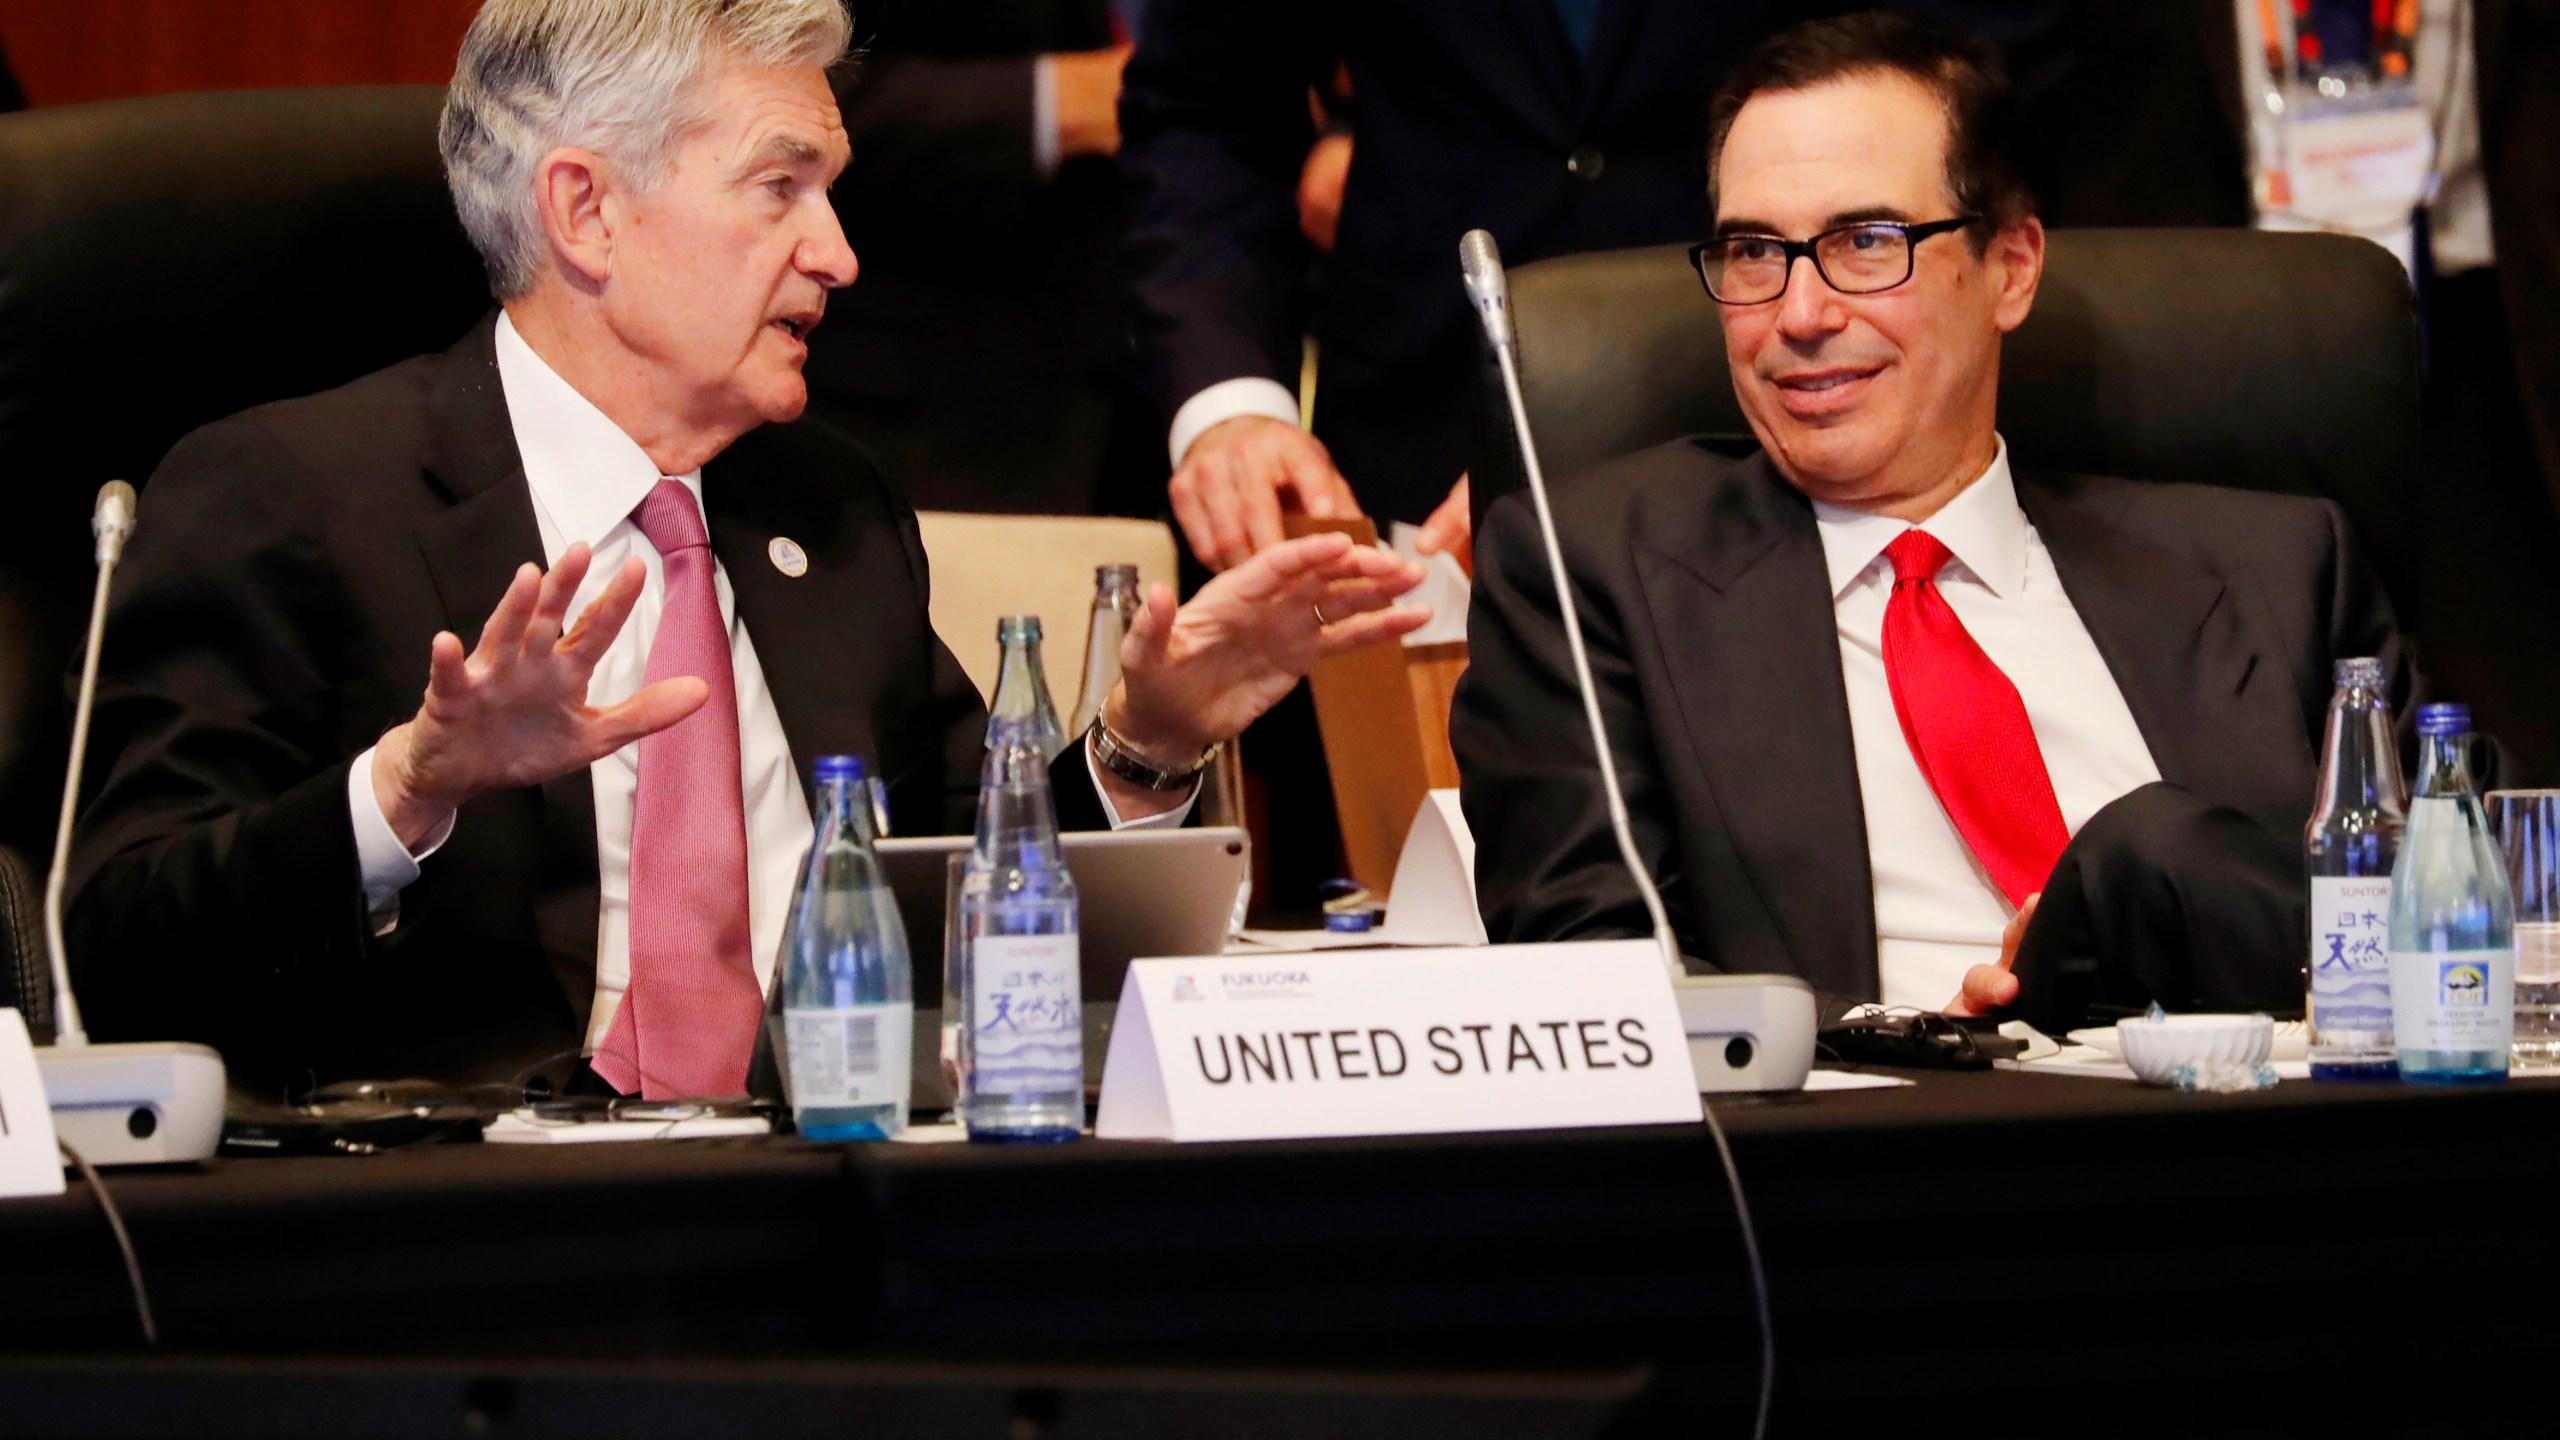 G20 Finance